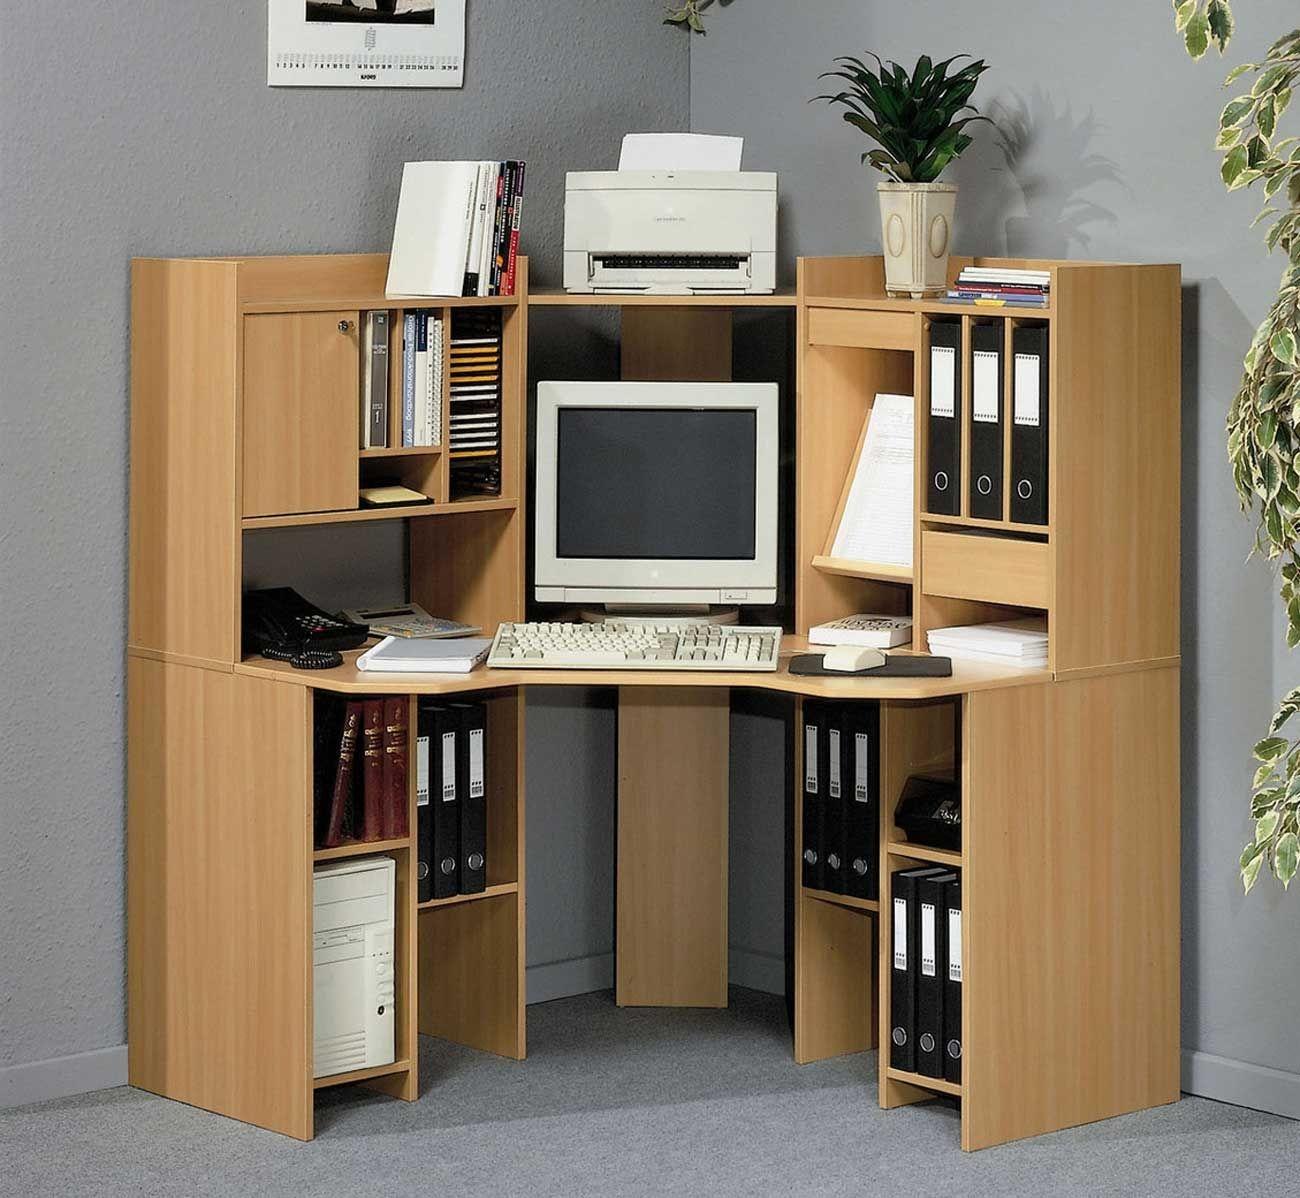 Home Office Corner Desk Designer Corner Desks With Hutch For Home Office Foter Corner Desks With Hutch For Home Office Ideas On Foter